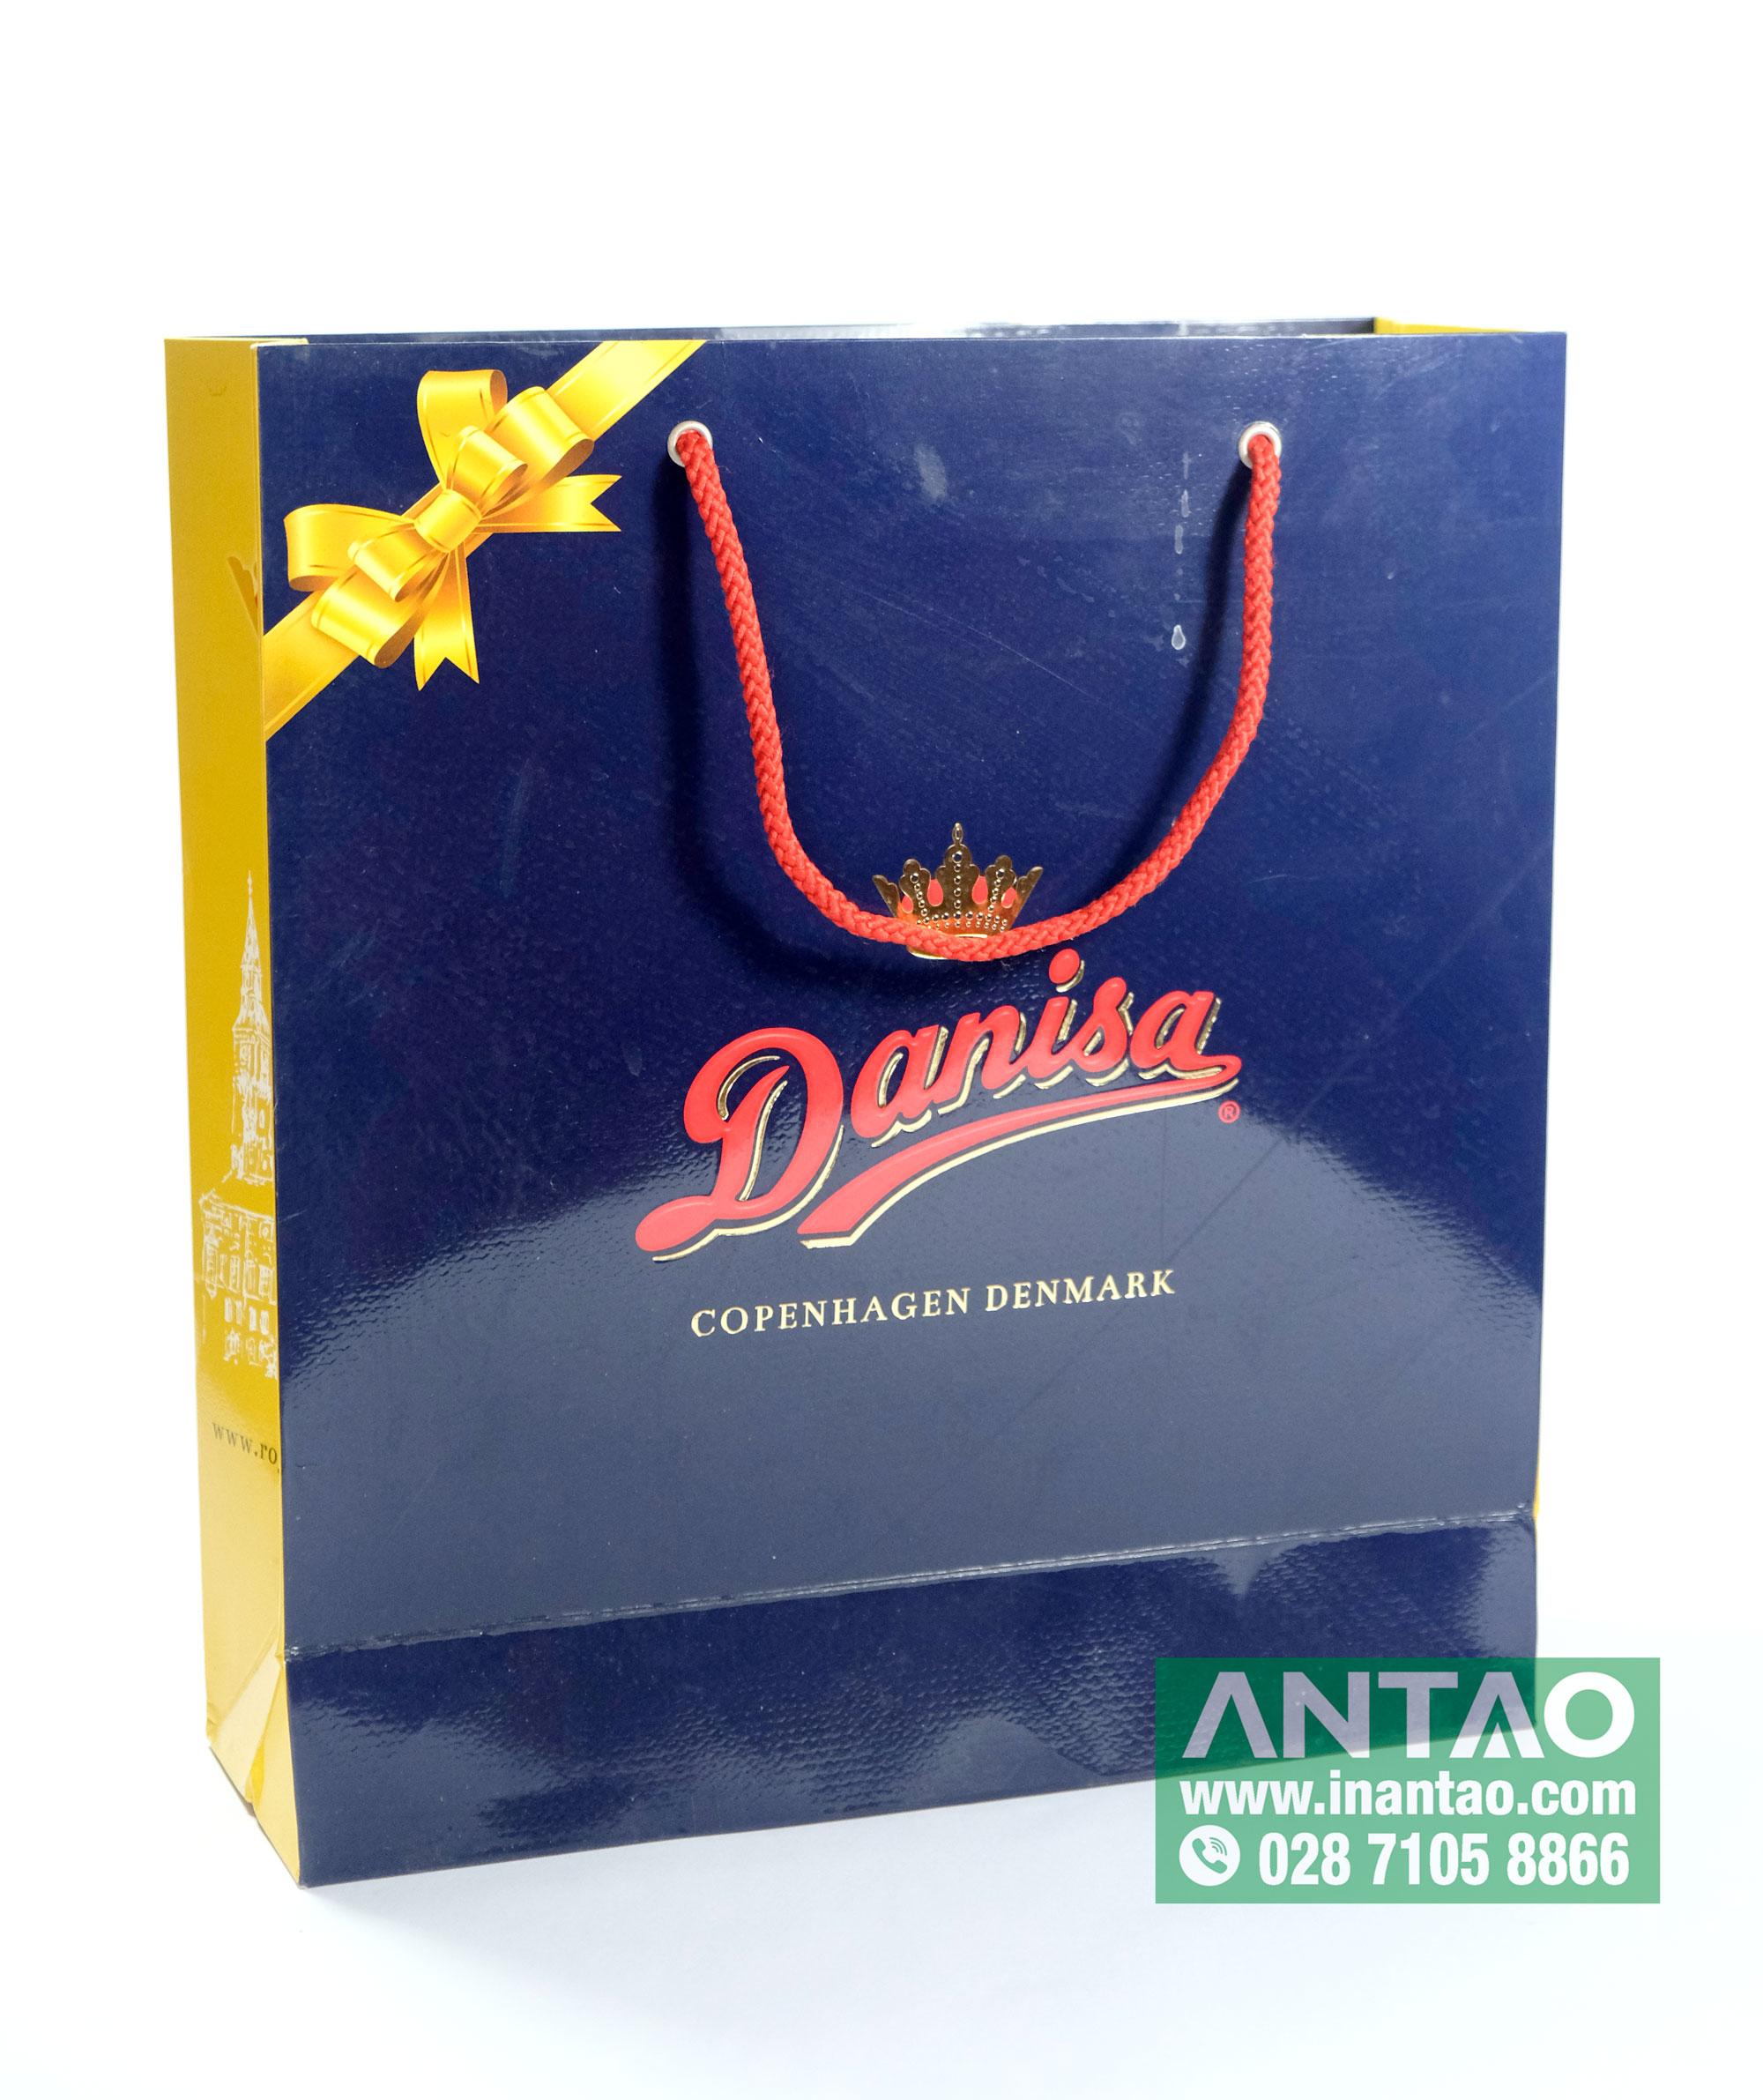 Túi giấy đựng bánh danisa